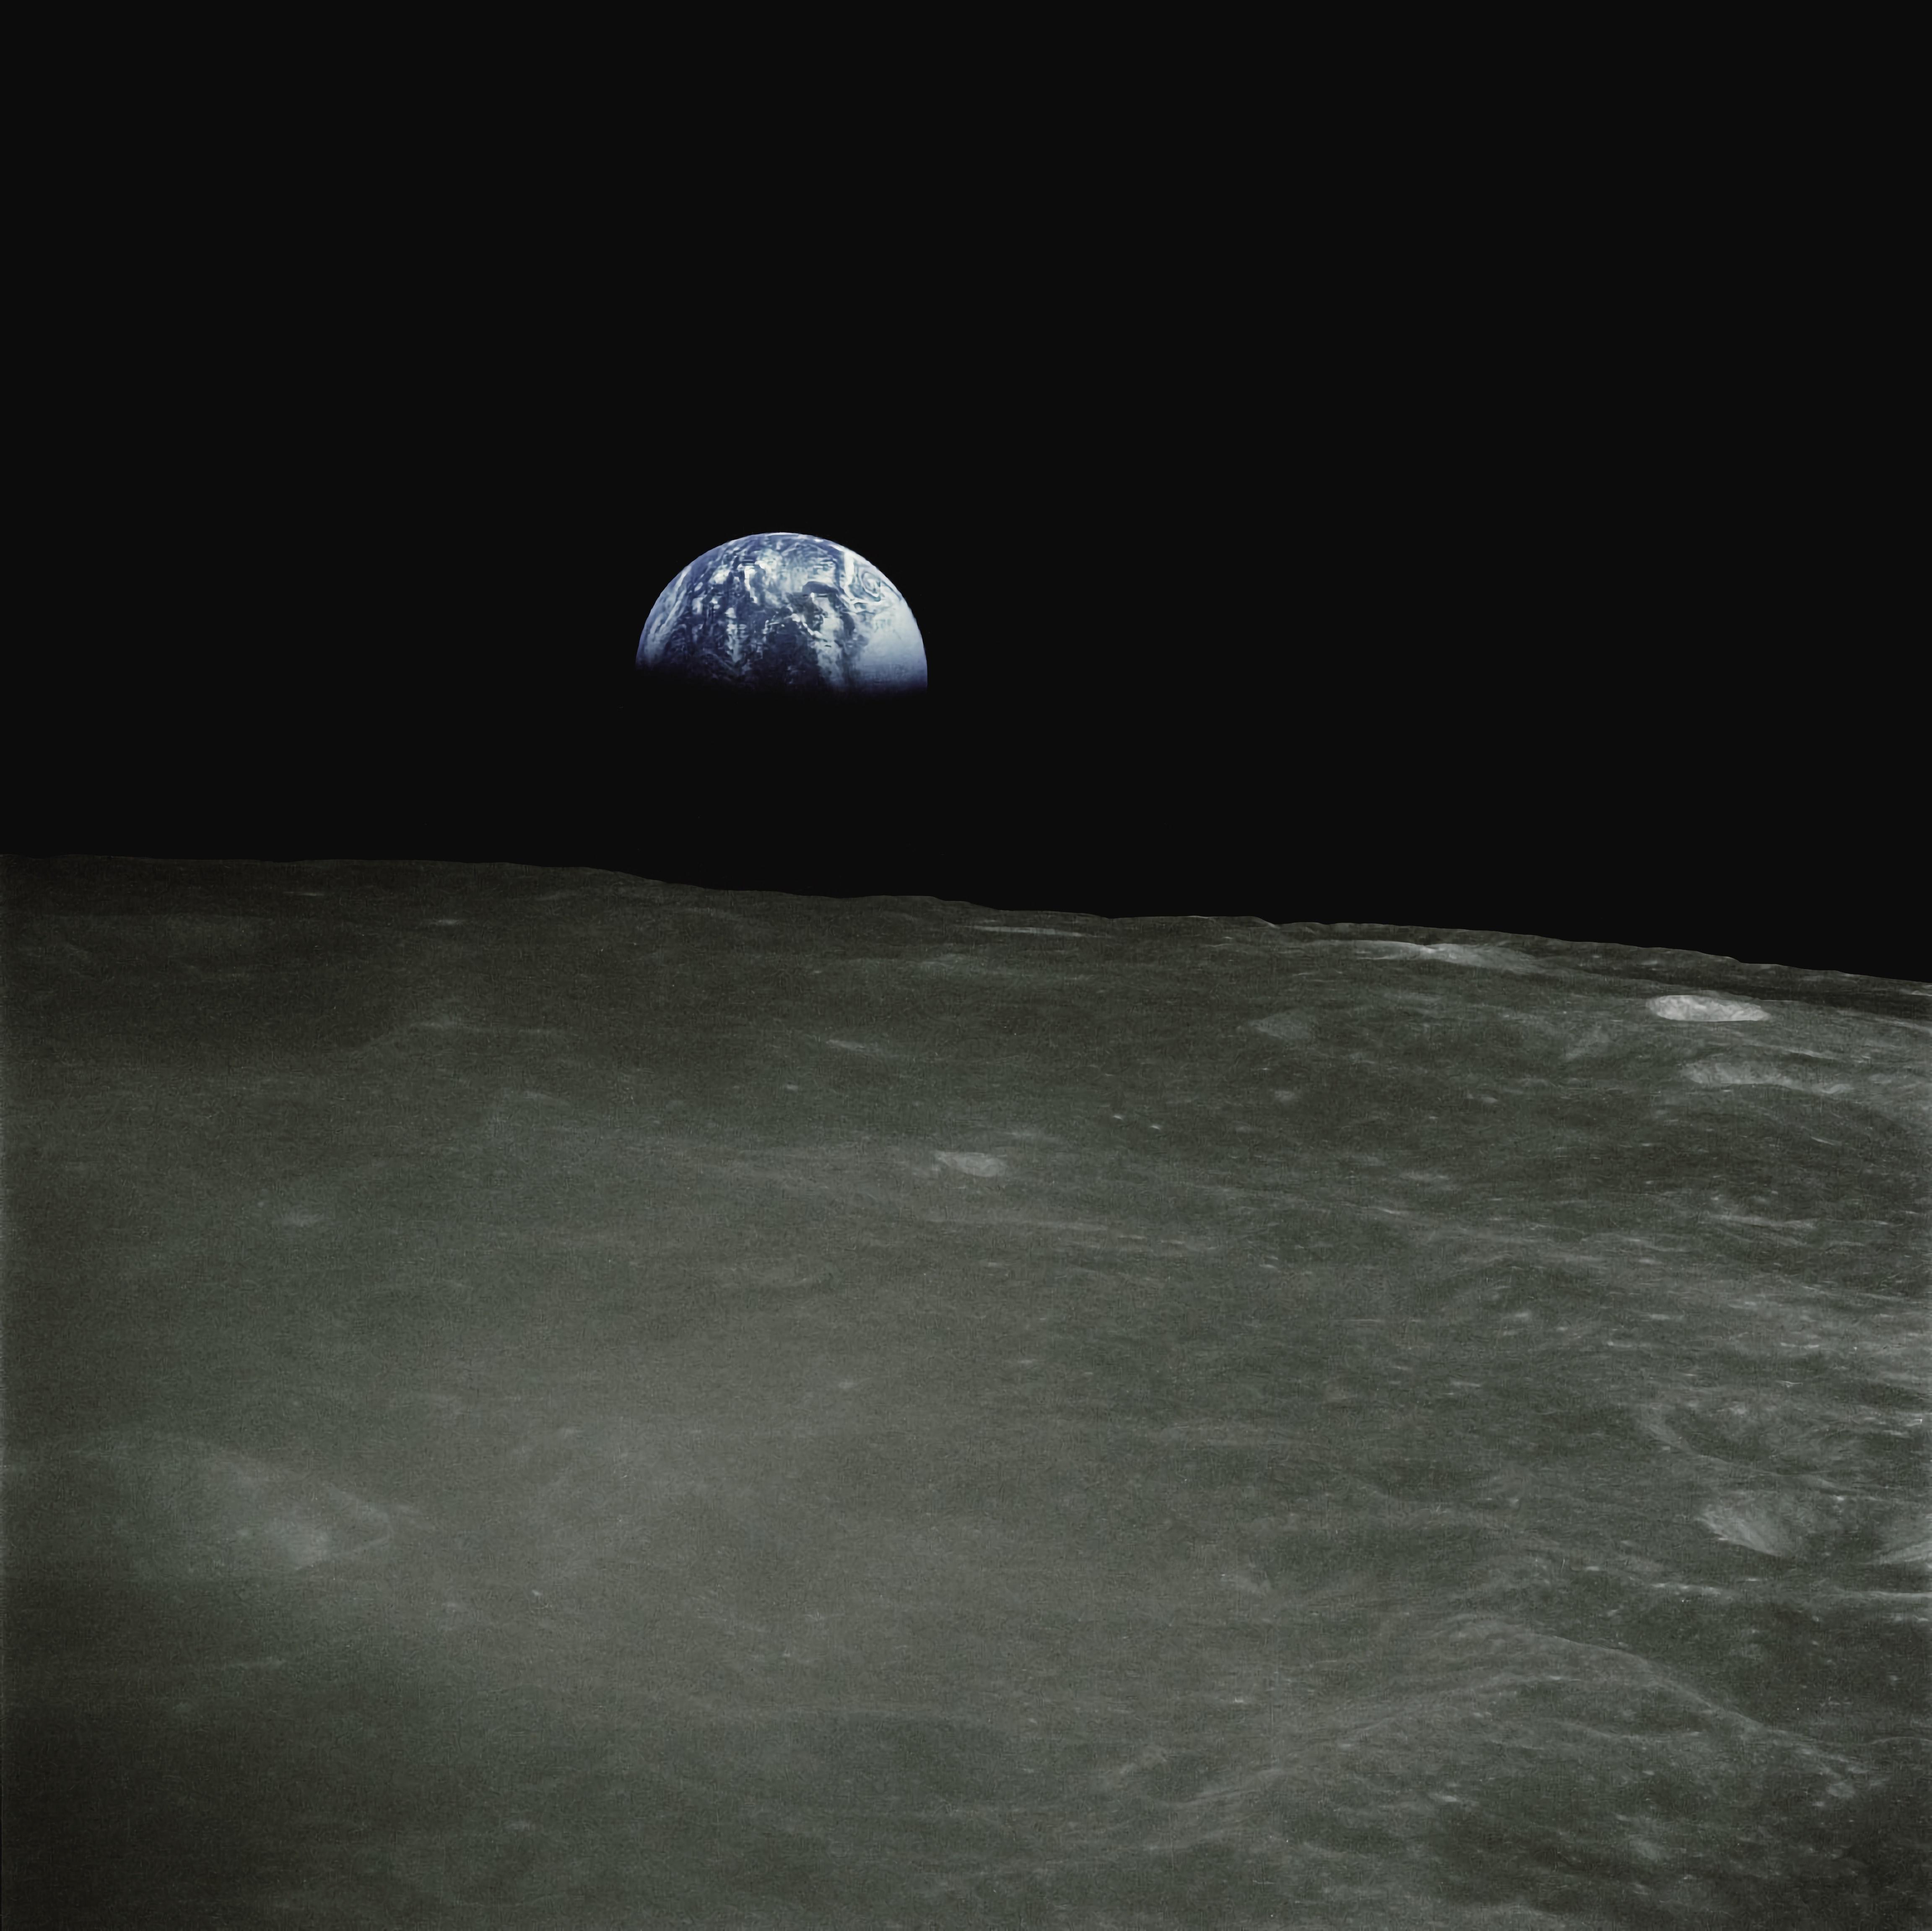 Aarde gezien vanaf de maan